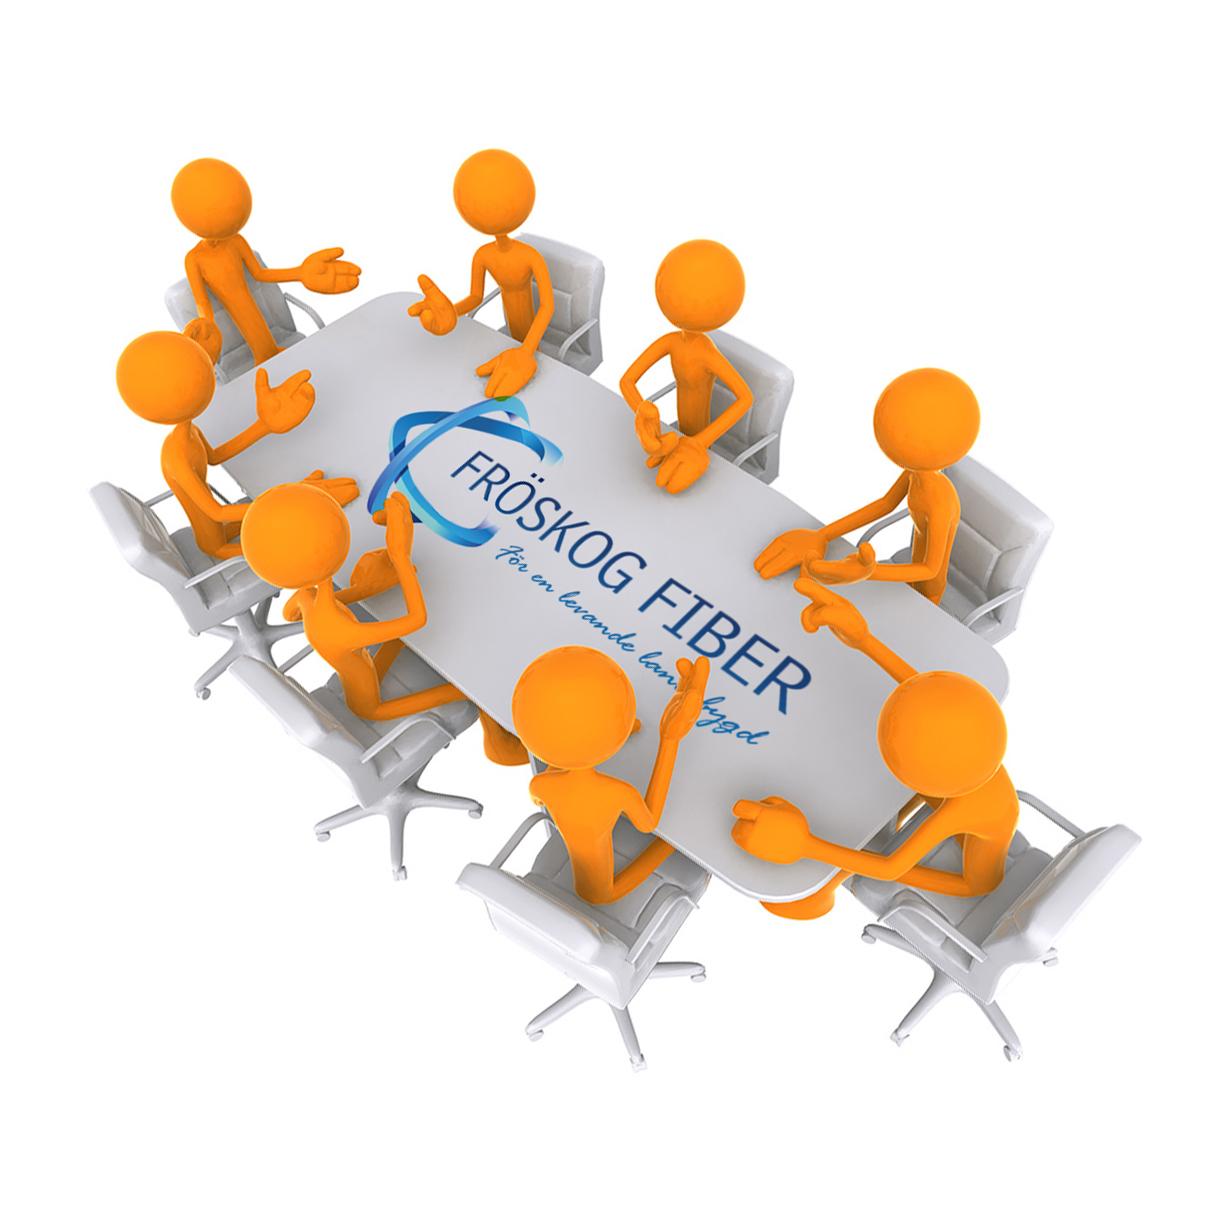 Kontakt Styrelse, Revisorer & Valberedning